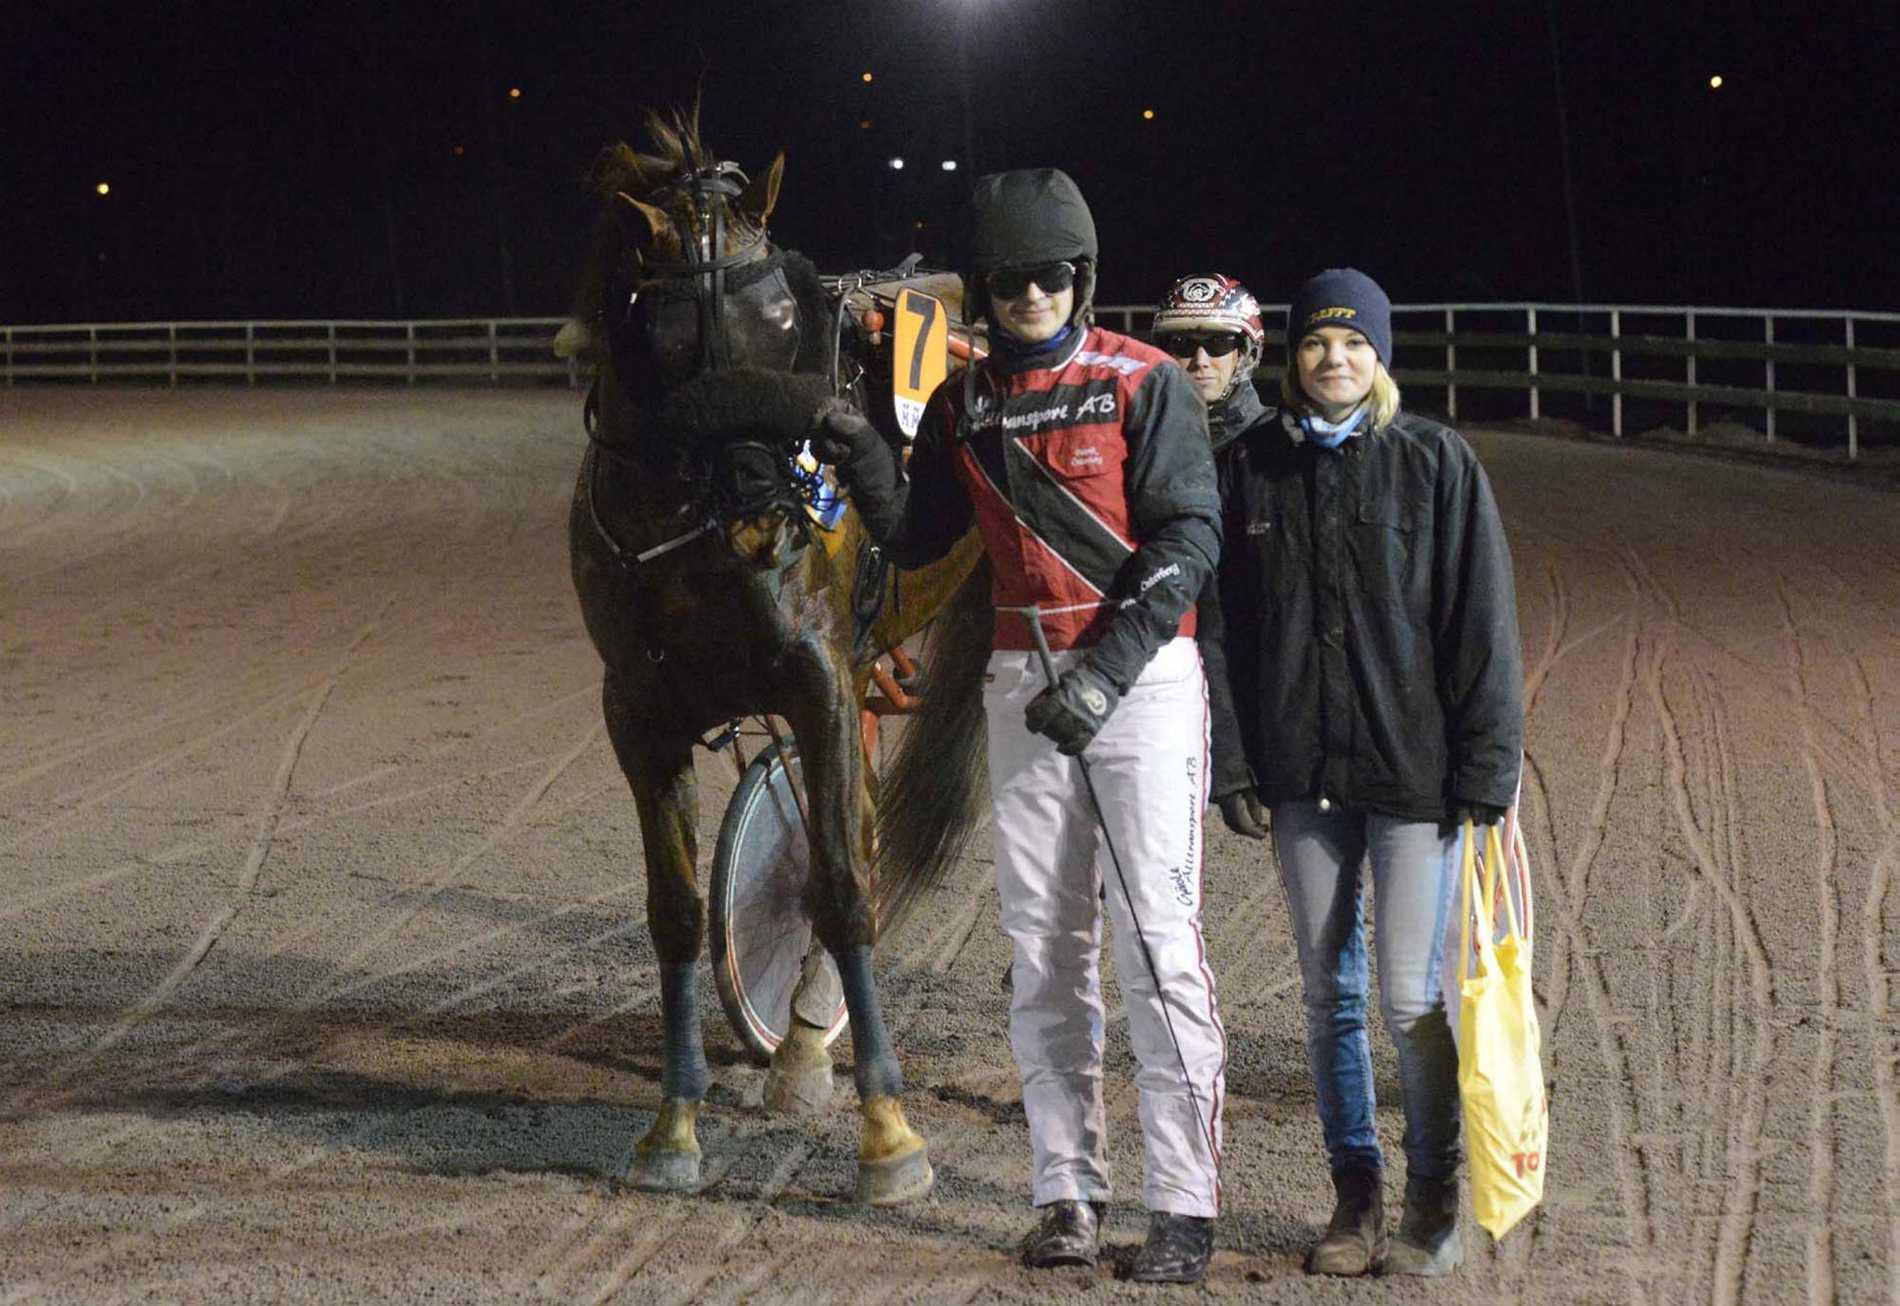 Bring Me Staro gör debut på V75 på lördag. Här syns tränaren Moa Nilsson och pojkvännen och kusken Patrik Österberg.